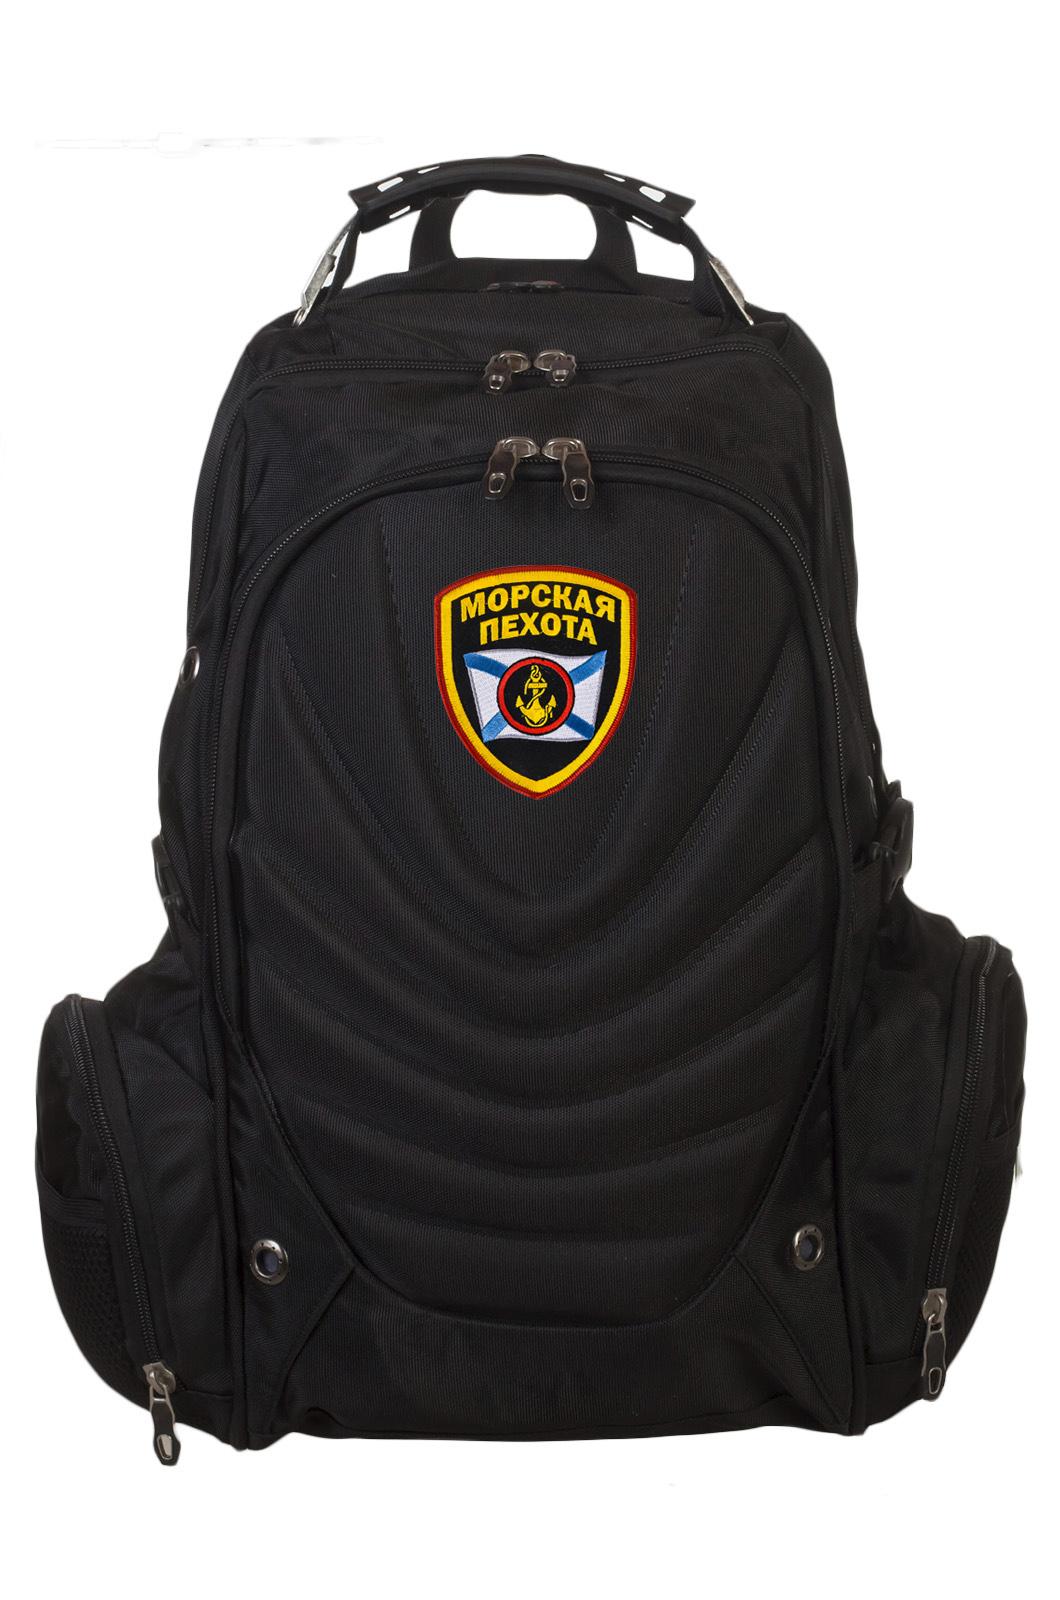 Стильный городской рюкзак Морская пехота